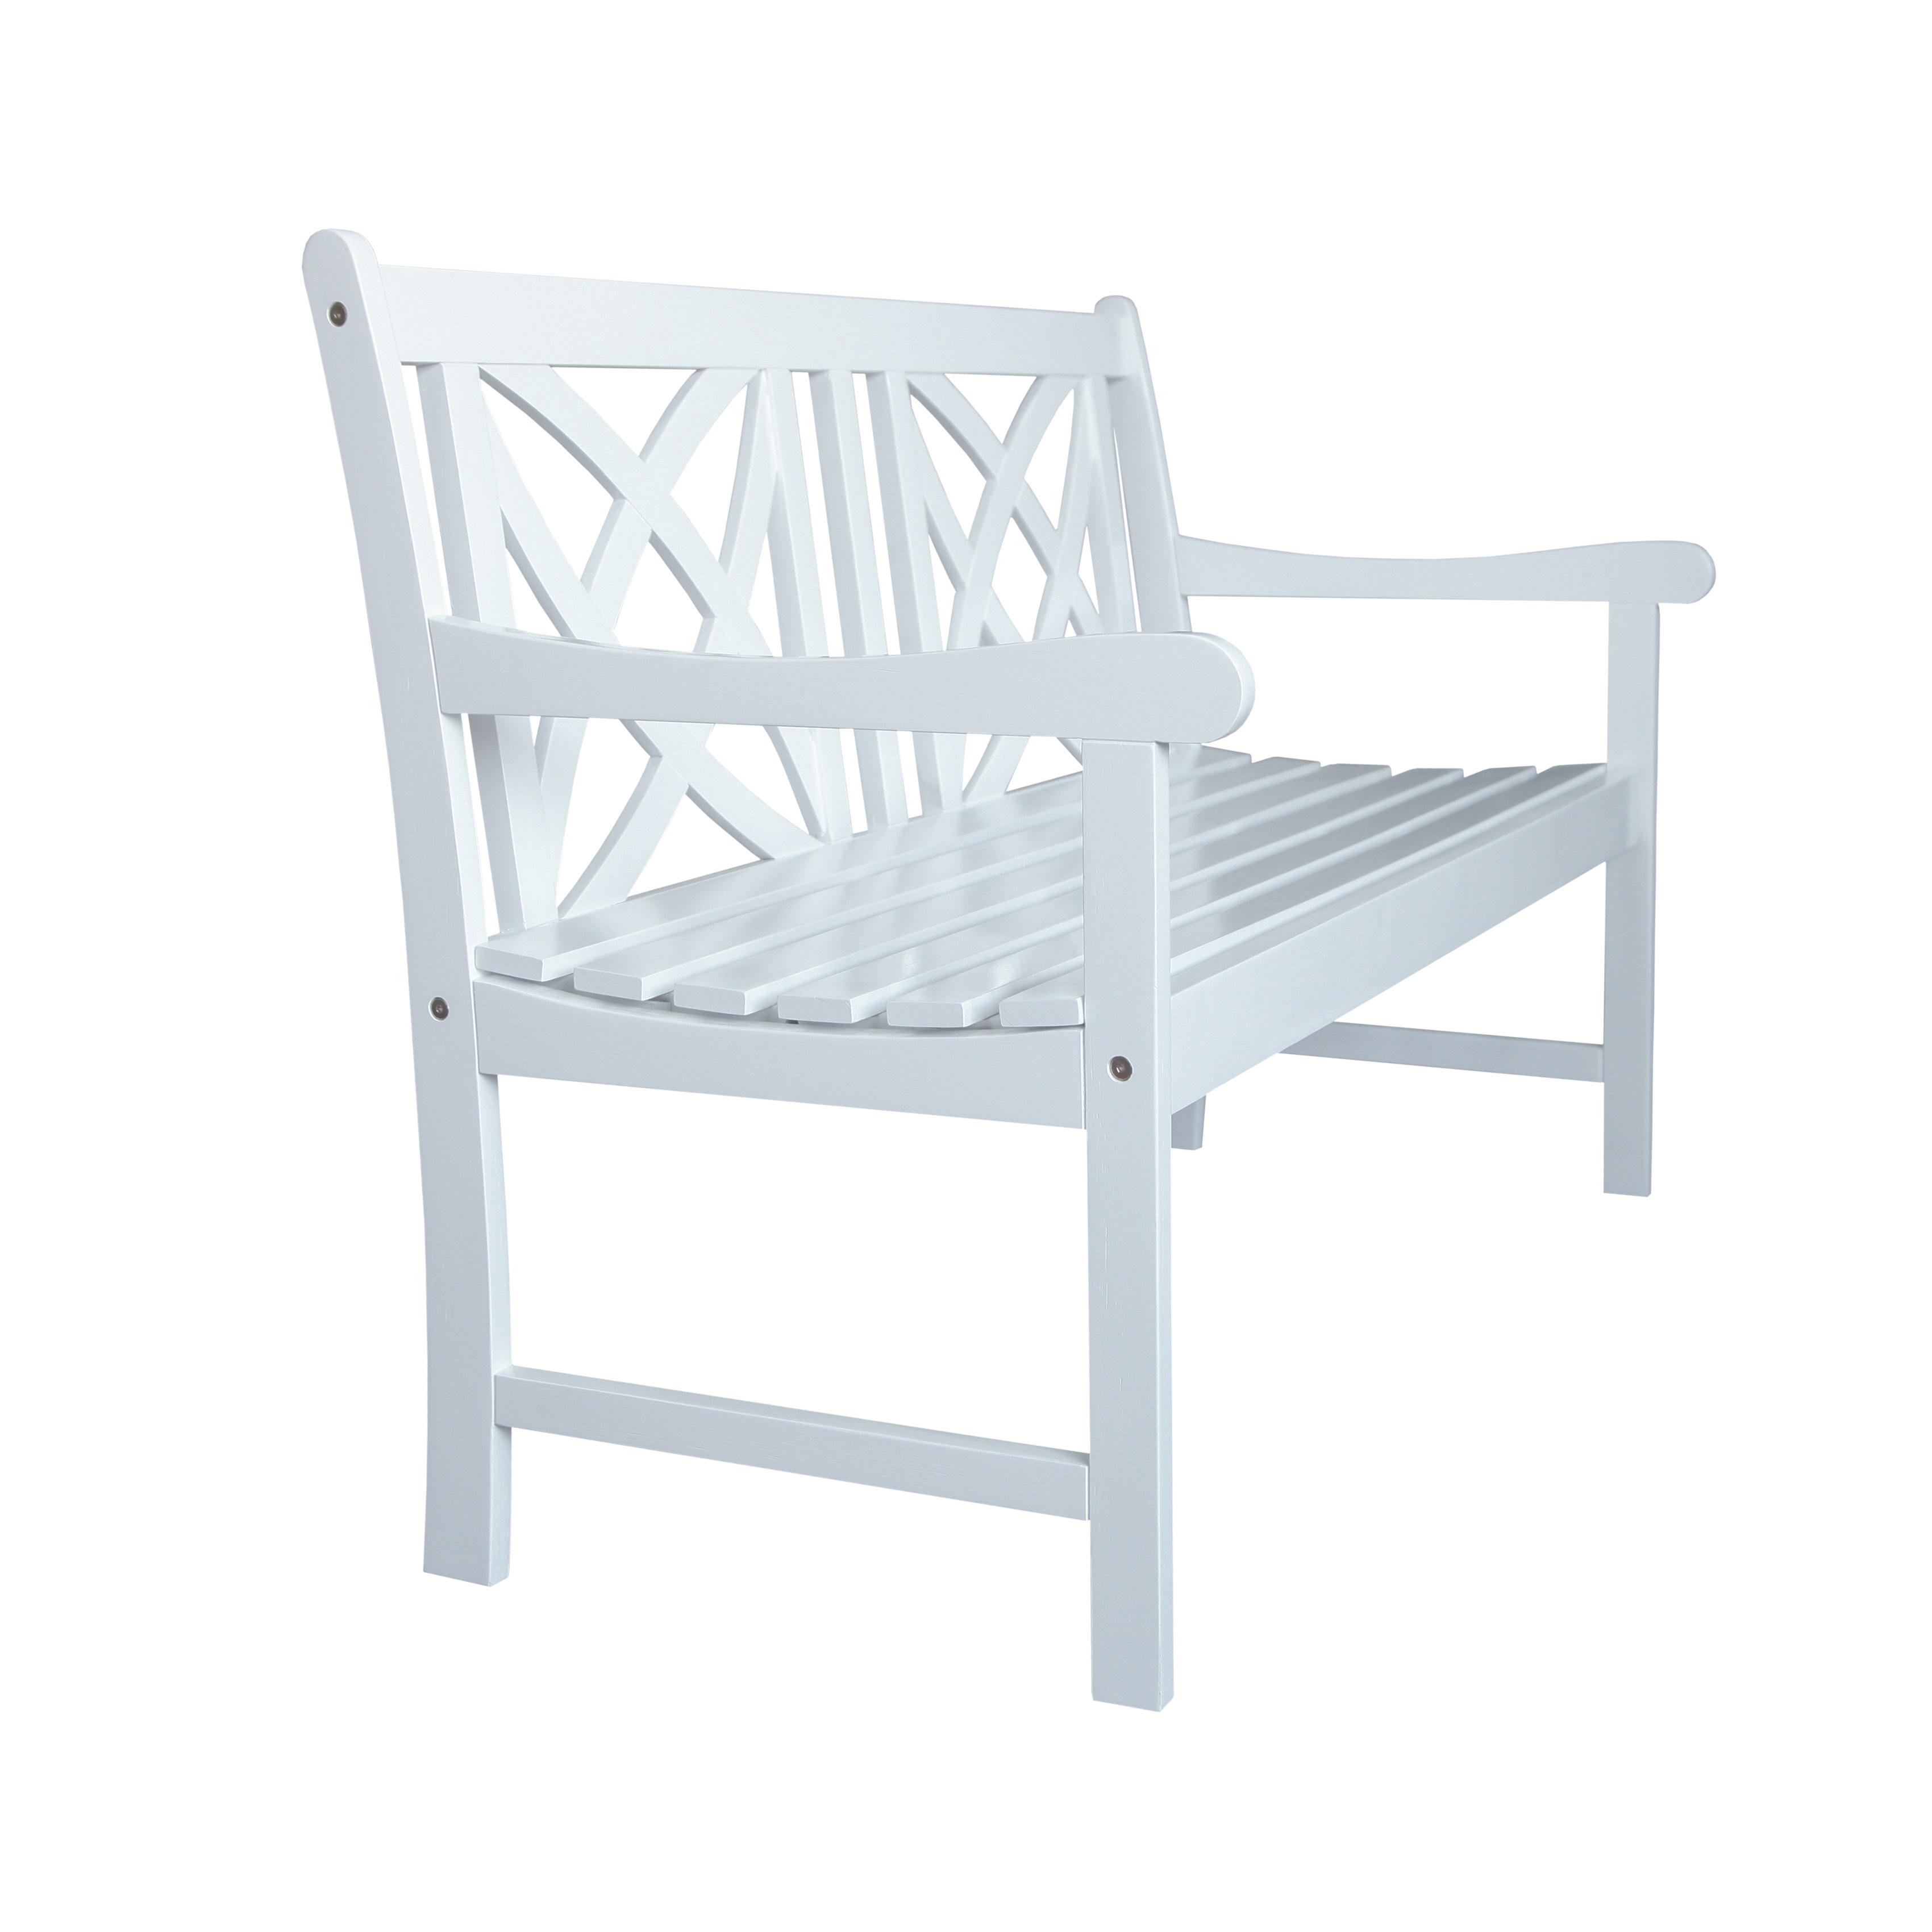 Bradley Outdoor Patio 4-foot Wood Garden Bench in White